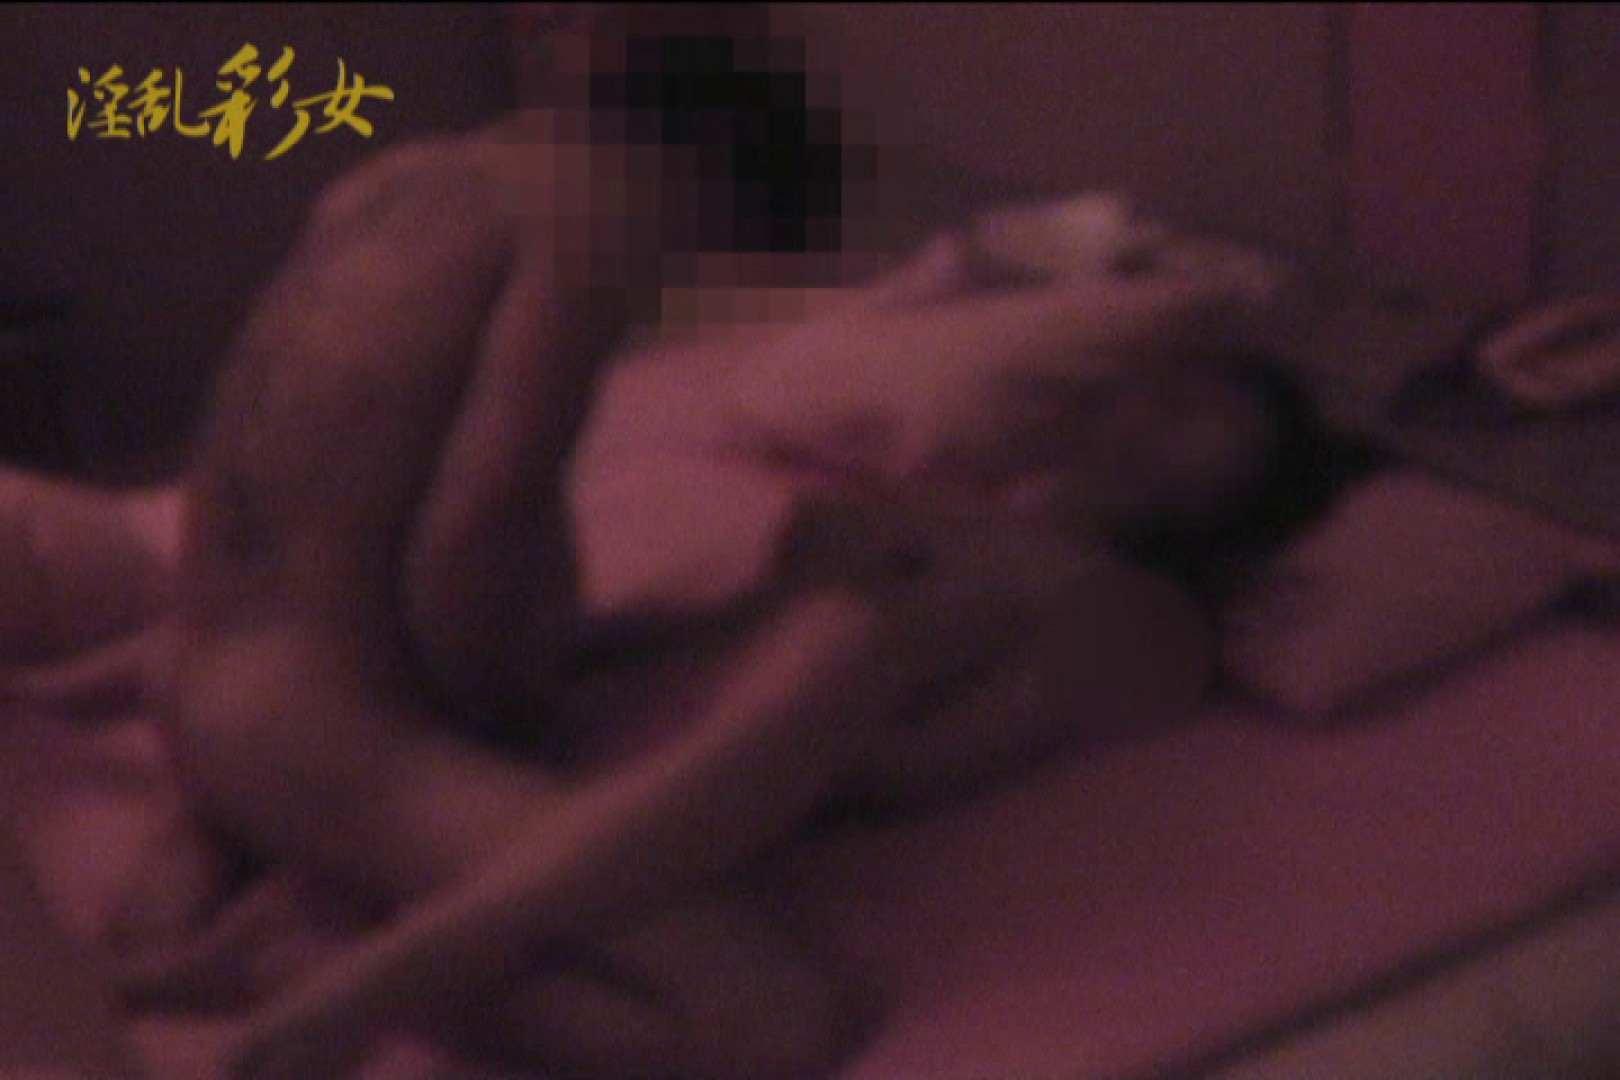 淫乱彩女 麻優里 旦那の前で王様ゲーム 淫乱 えろ無修正画像 59PIX 15